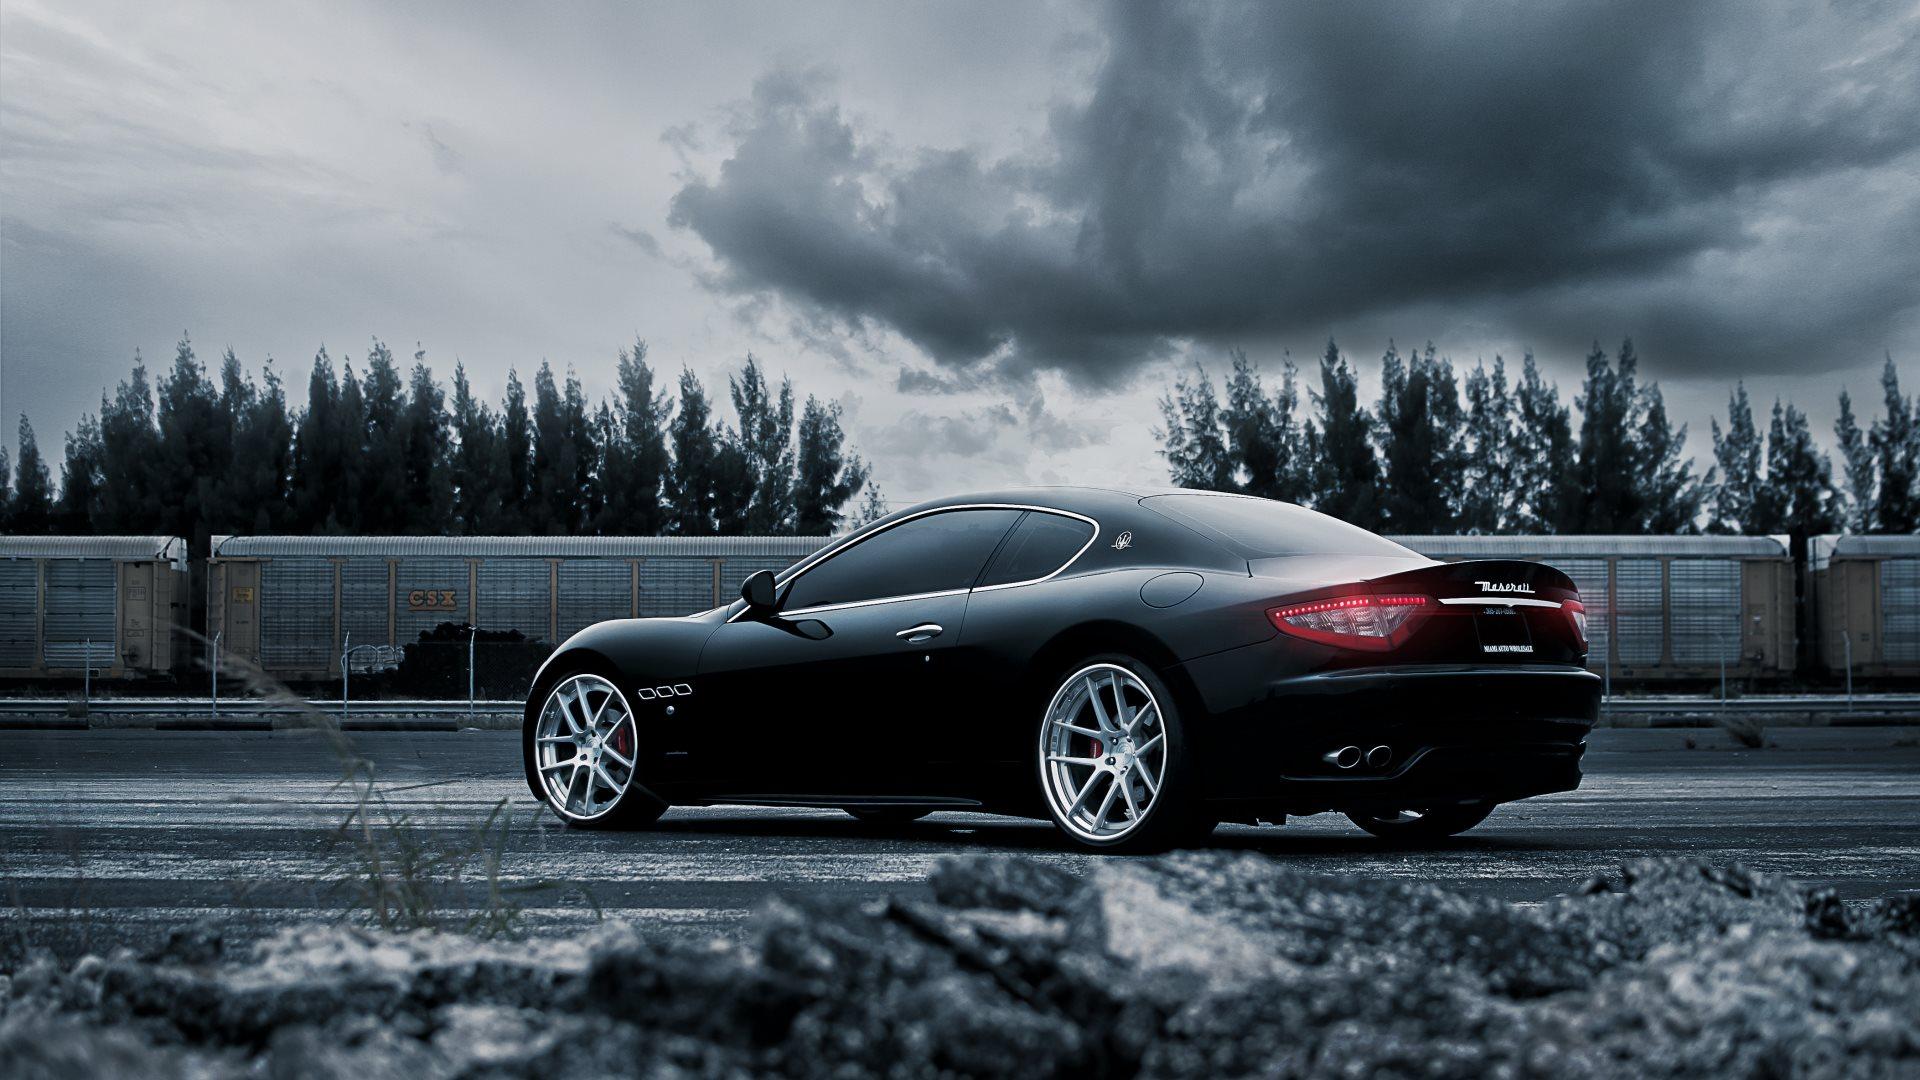 Maserati hd wallpaper - photo#11